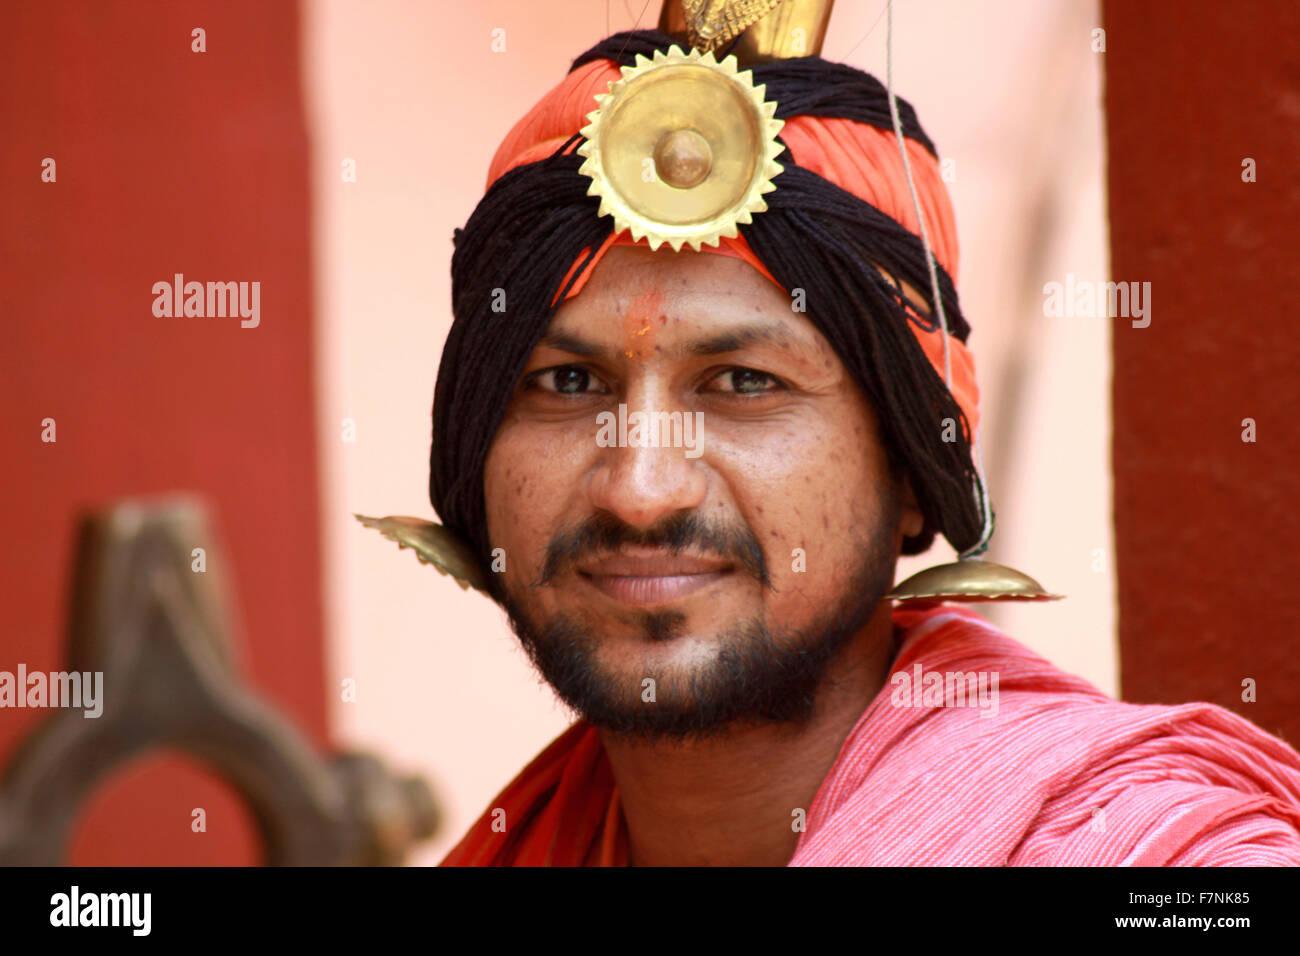 Sadhu, Kumbh Mela, Nasik, Maharashtra, India - Stock Image